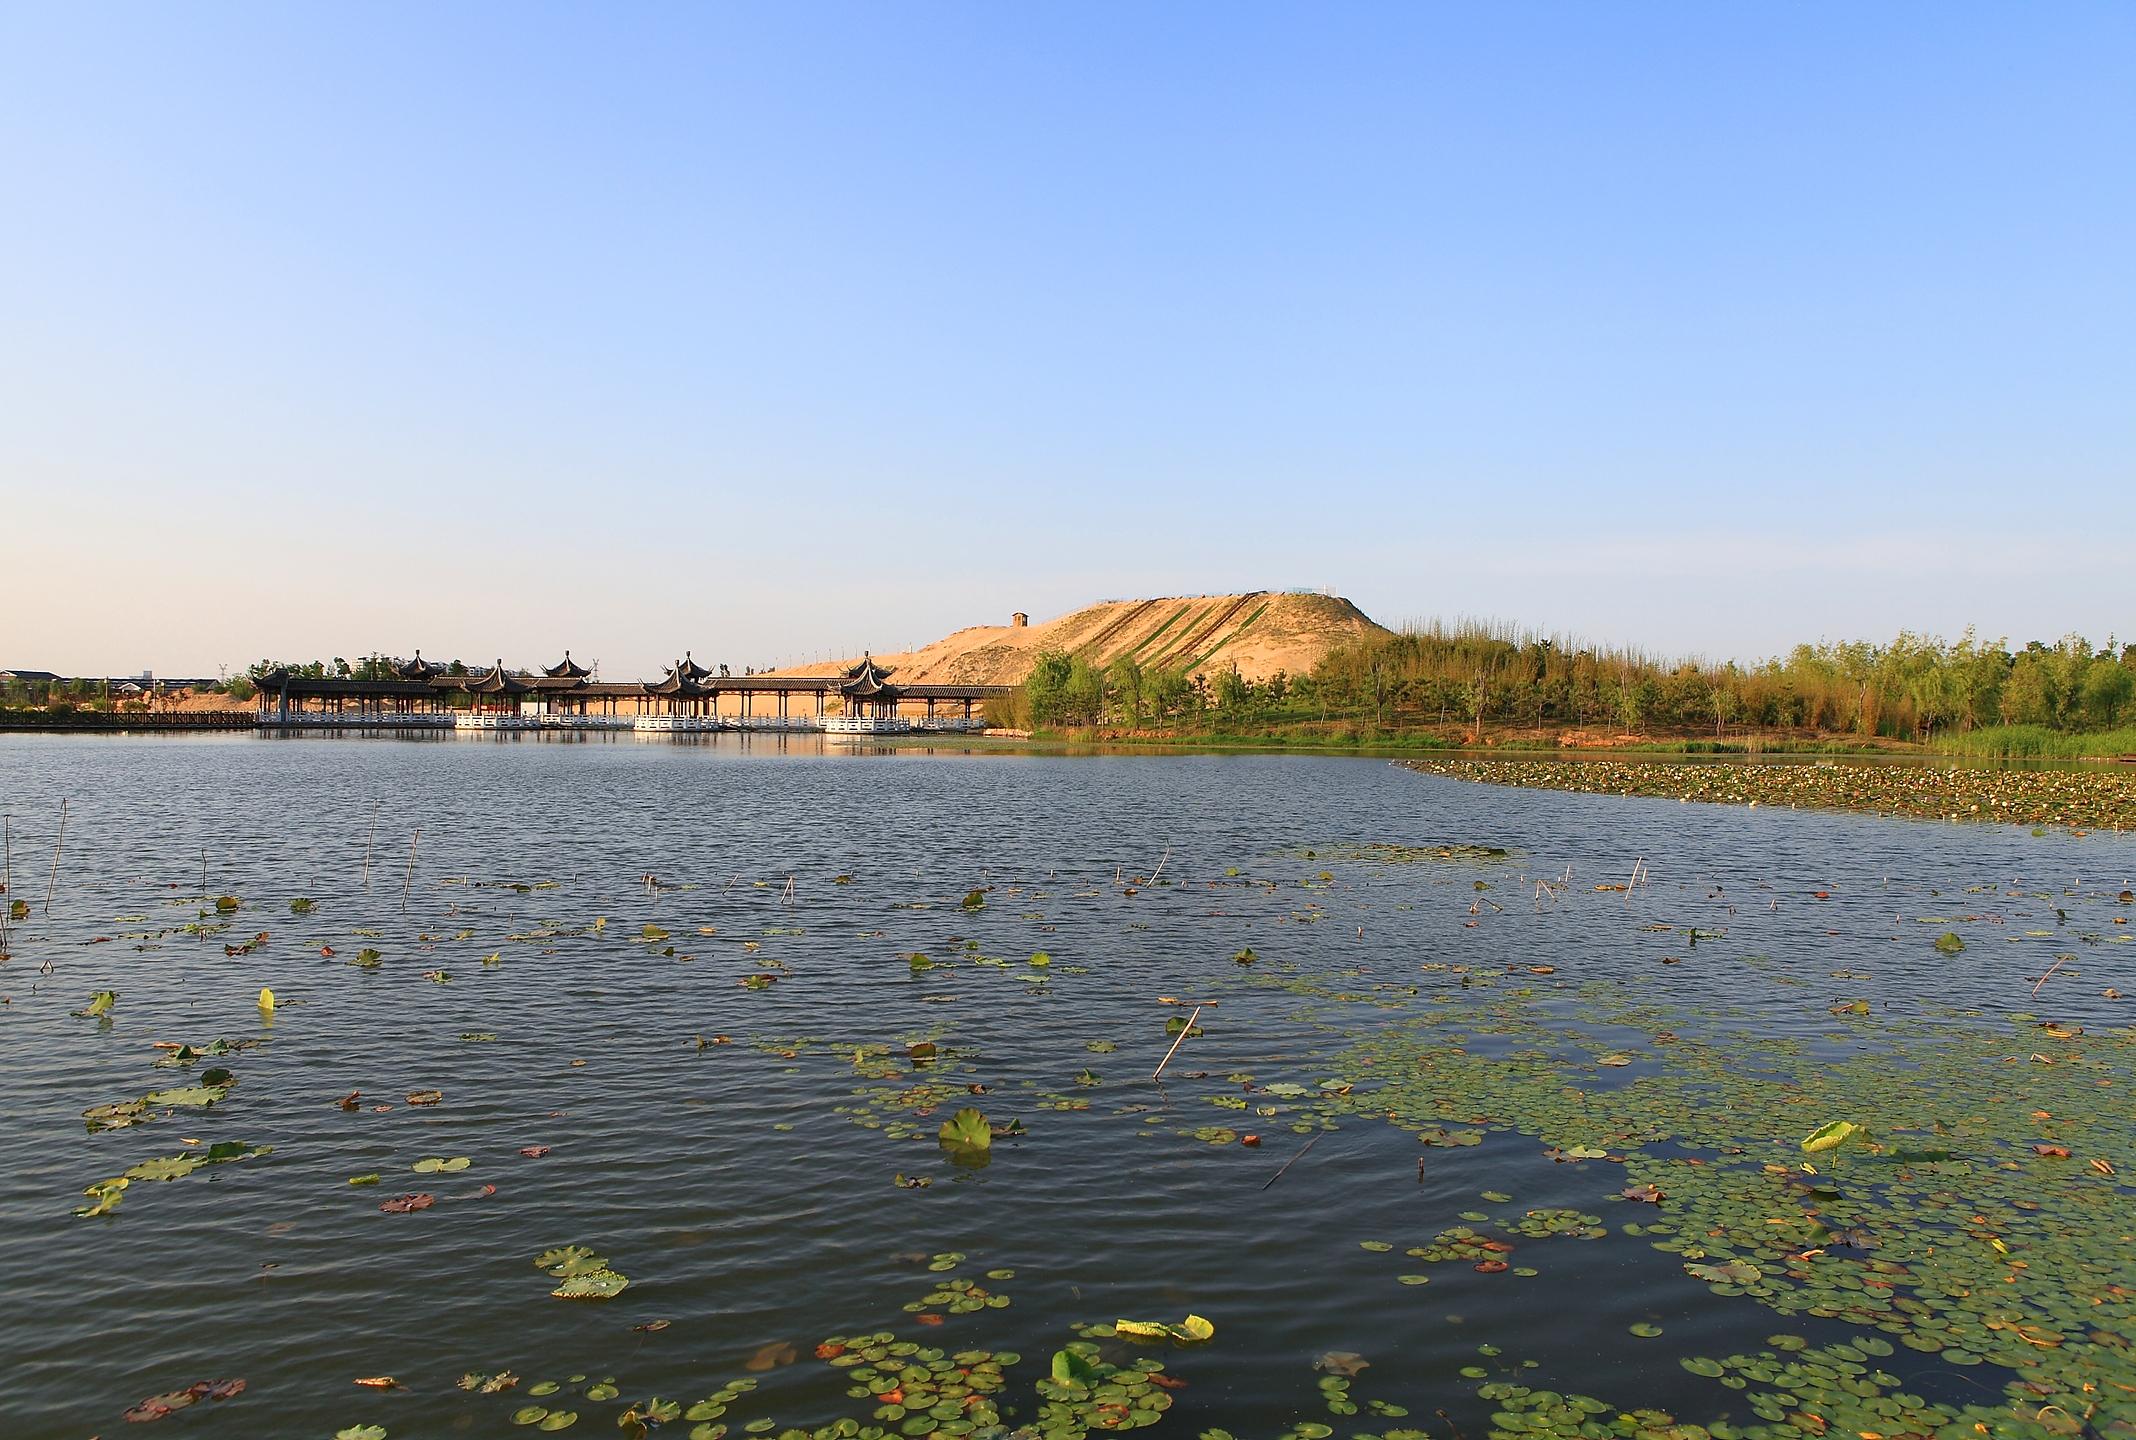 78阜宁金沙湖旅游度假区IMG_0753.JPG